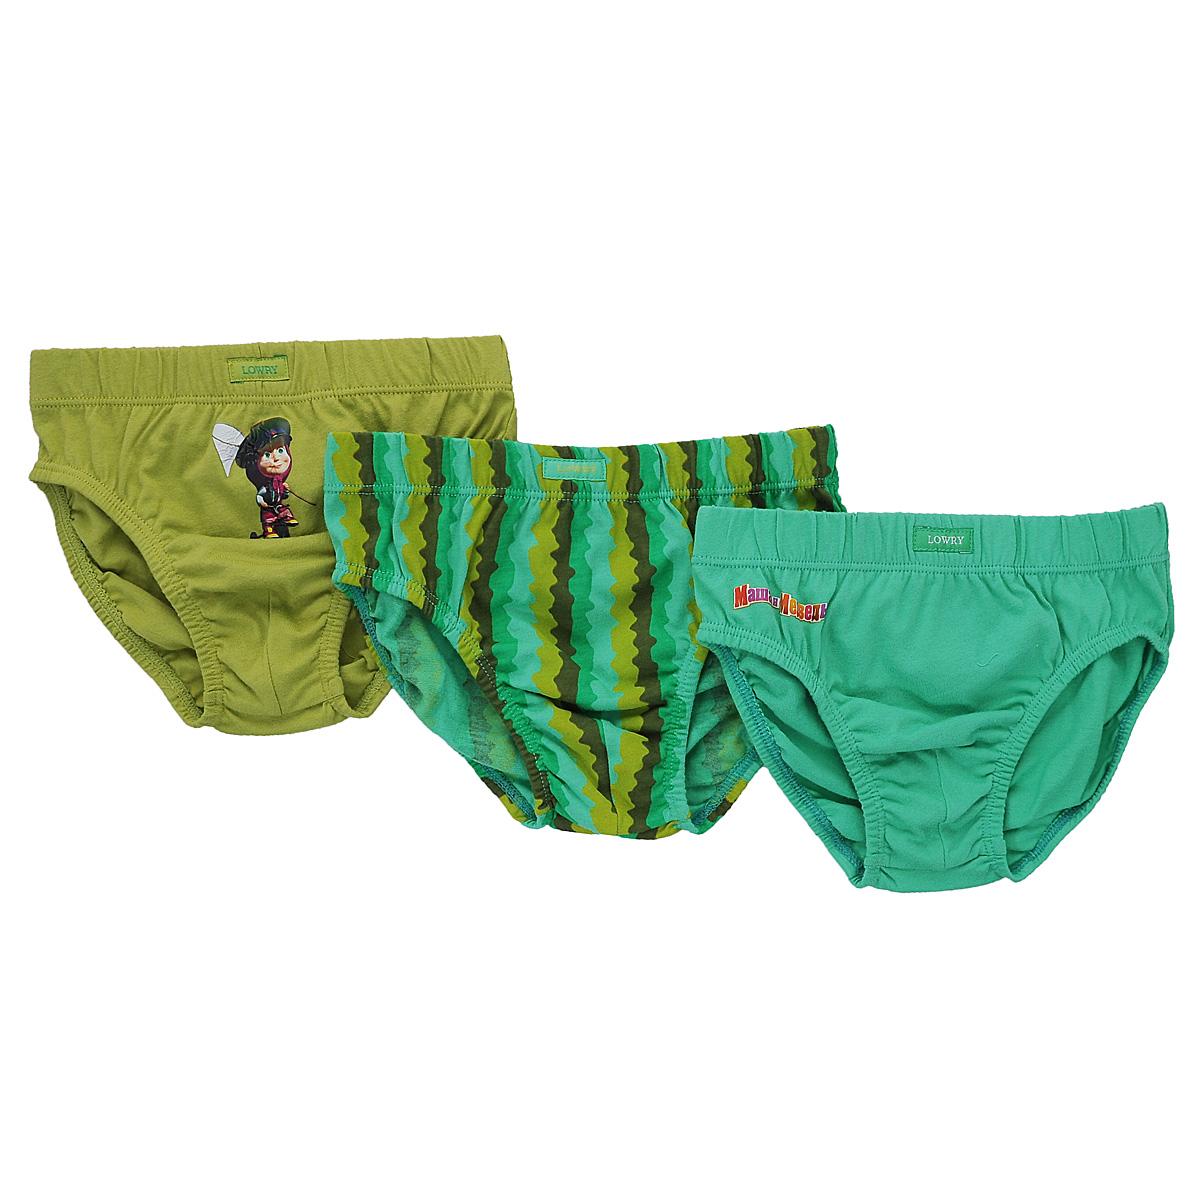 Комплект трусов для мальчика Lowry Маша и Медведь, цвет: зеленый, оливковый, коричневый, 3 шт. BB-285. Размер 28 (XS), 2 годаBB-285Комплект для мальчика Lowry Маша и Медведь состоит из трех трусиков-слипов, оформленных оригинальным принтом и небольшими аппликациями с изображением Машеньки - главной героини мультфильма Маша и Медведь, а также аппликацией в виде надписи Маша и Медведь.Очень удобные трусы изготовлены из натурального хлопка, они необычайно мягкие и приятные на ощупь, не раздражают нежную кожу ребенка и хорошо вентилируются, а эластичные швы приятны телу малыша и не препятствуют его движениям. Трусы имеют широкую эластичную резинку на талии, не сдавливающую животик ребенка. Пройма для ножек также дополнена трикотажными эластичными резинками. Трусы идеально подойдут вашему малышу, а современные принты и мягкие полотна позволят ему комфортно чувствовать себя в течение дня!